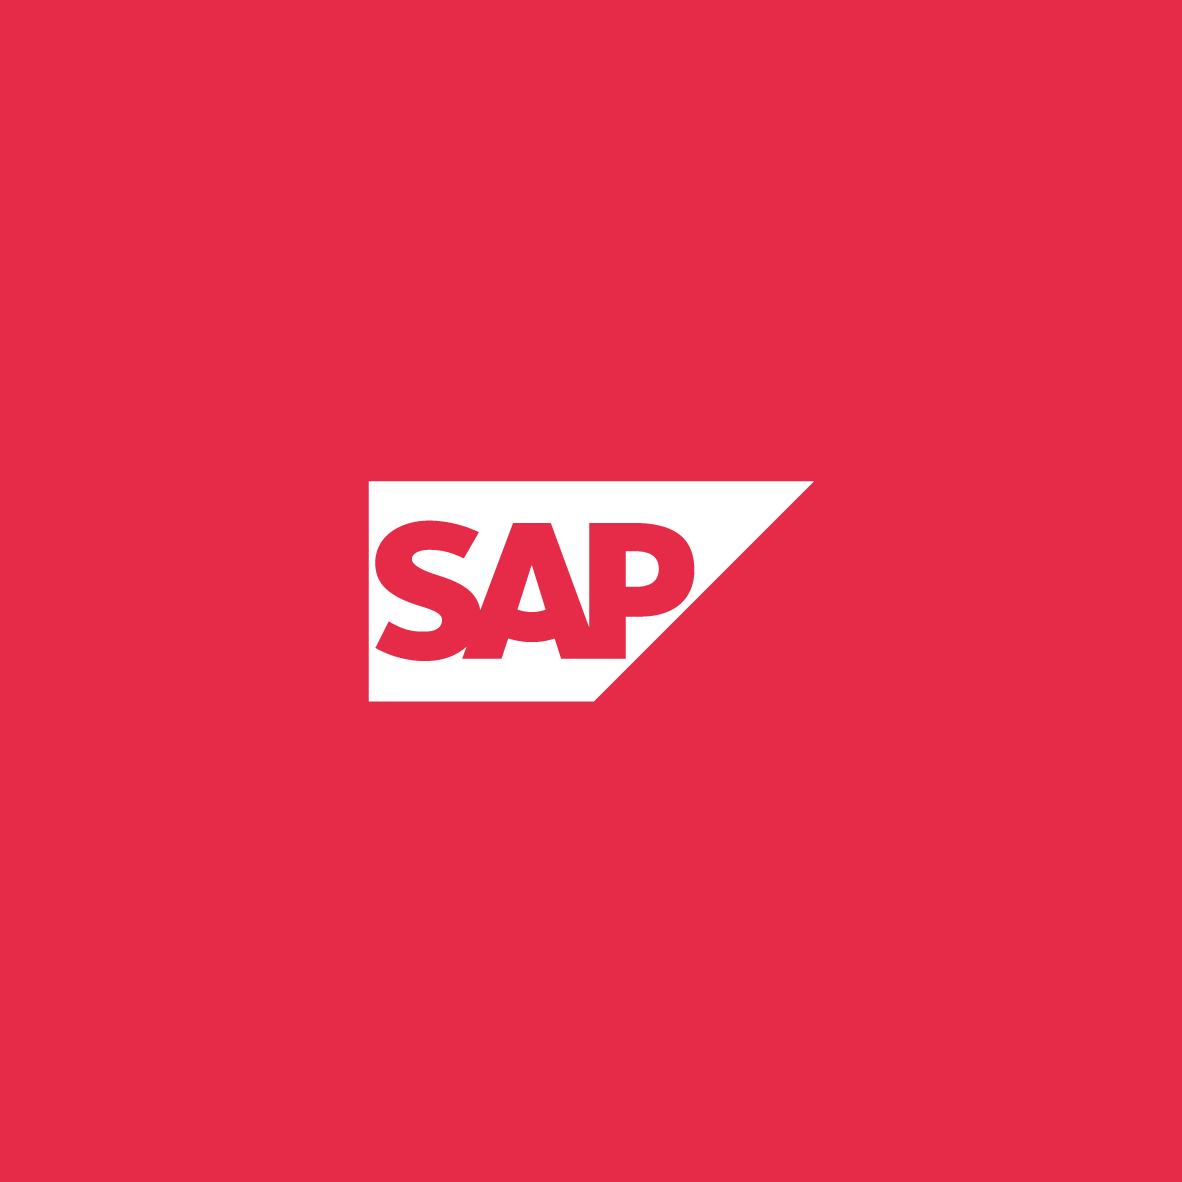 09_SAP.png